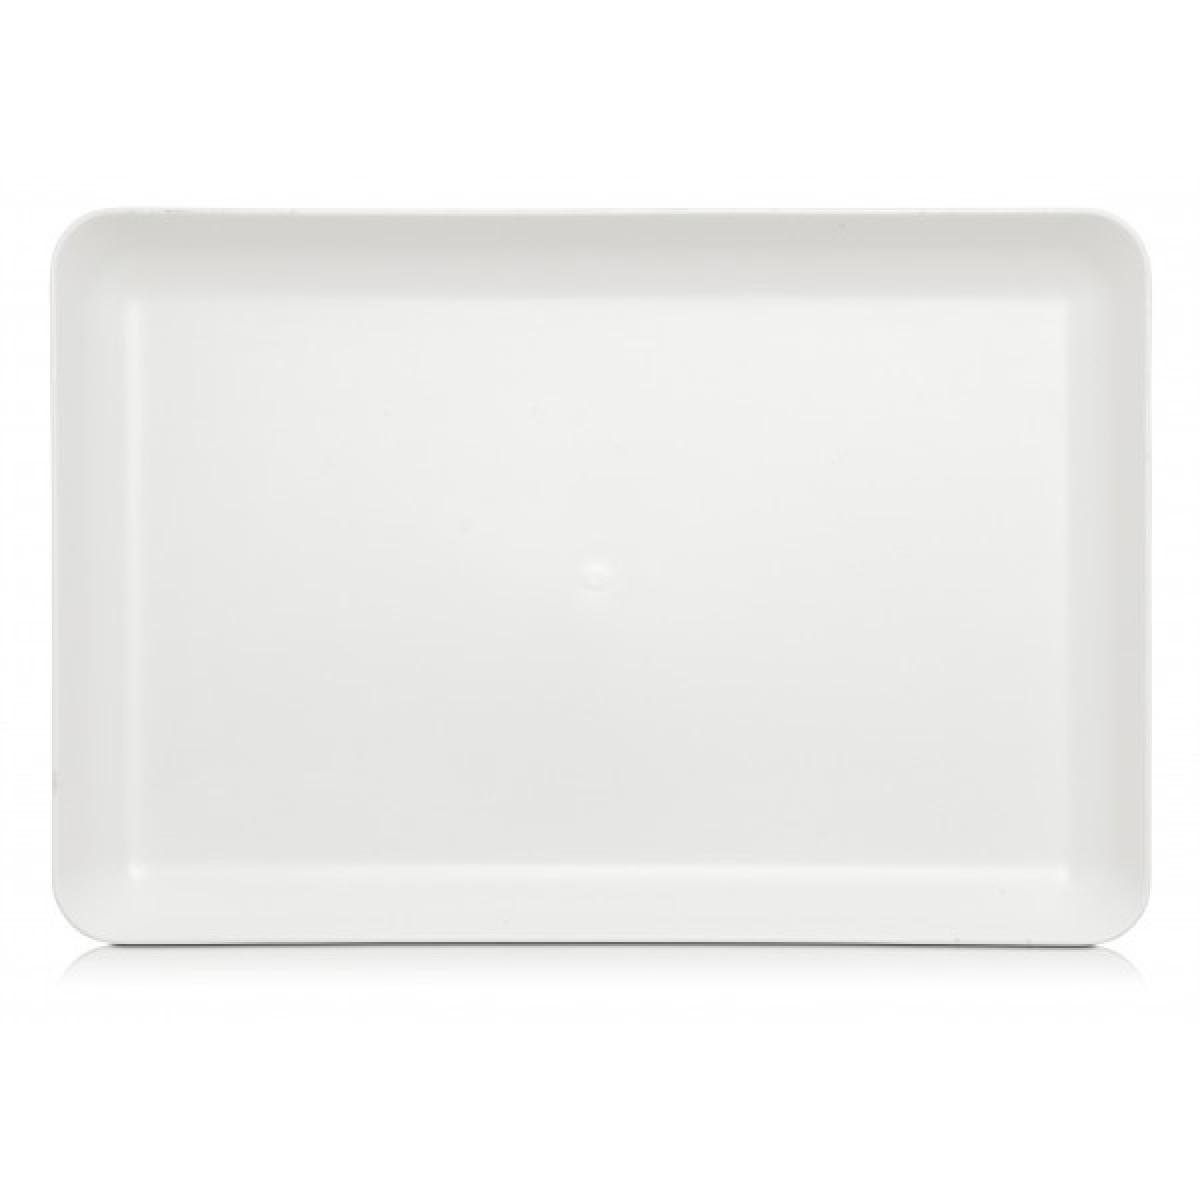 Palette, hvid kunststof, 30,5 x 20 cm., special overflade